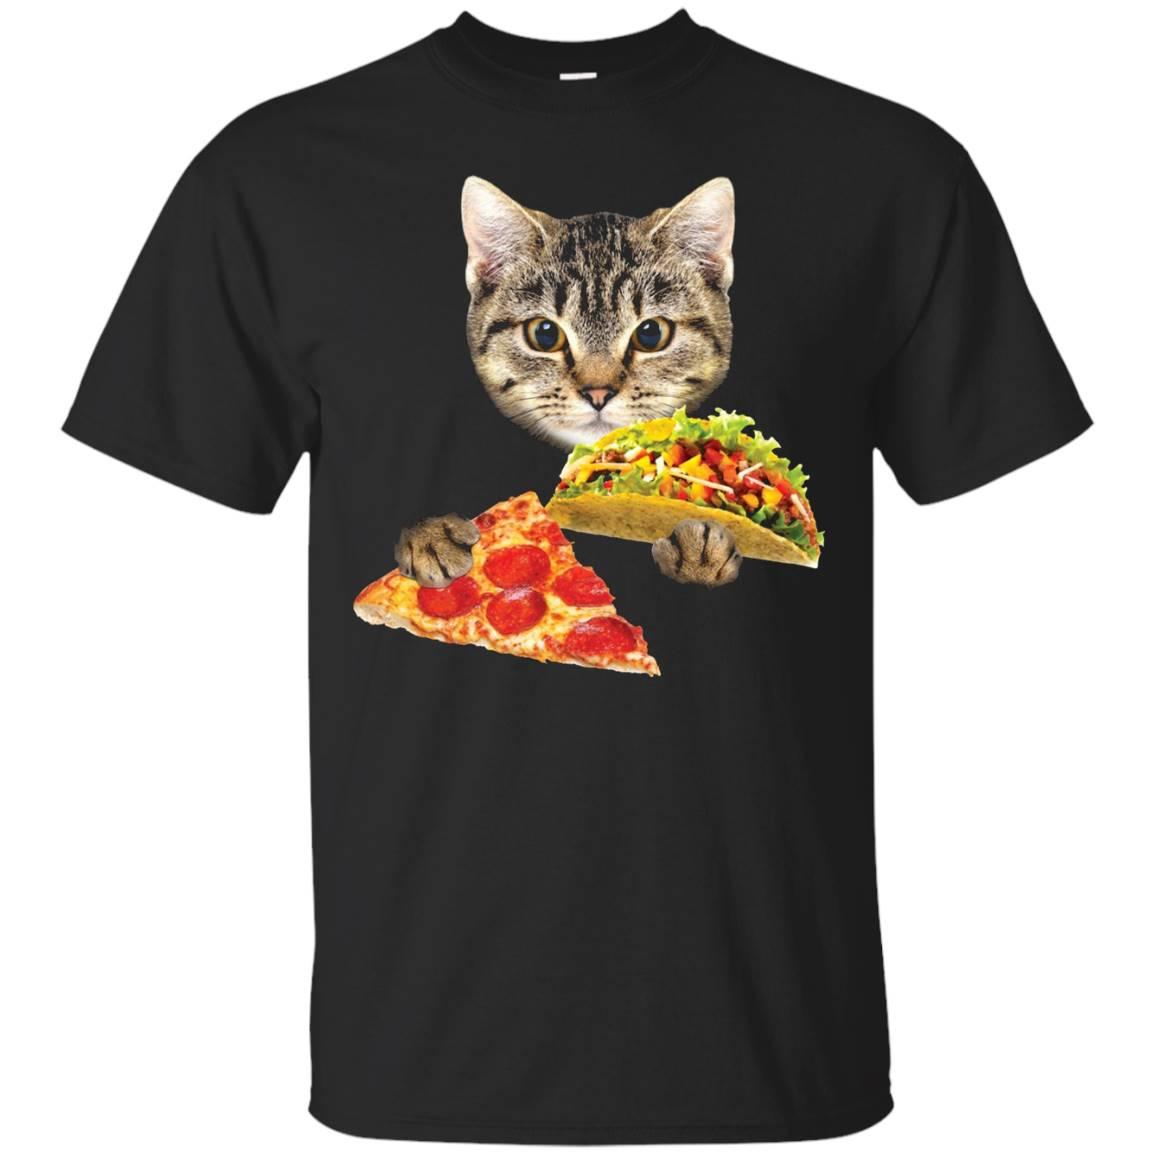 Cat Eating Taco and Pizza Shirt, Funny Kitty by Zany Brainy